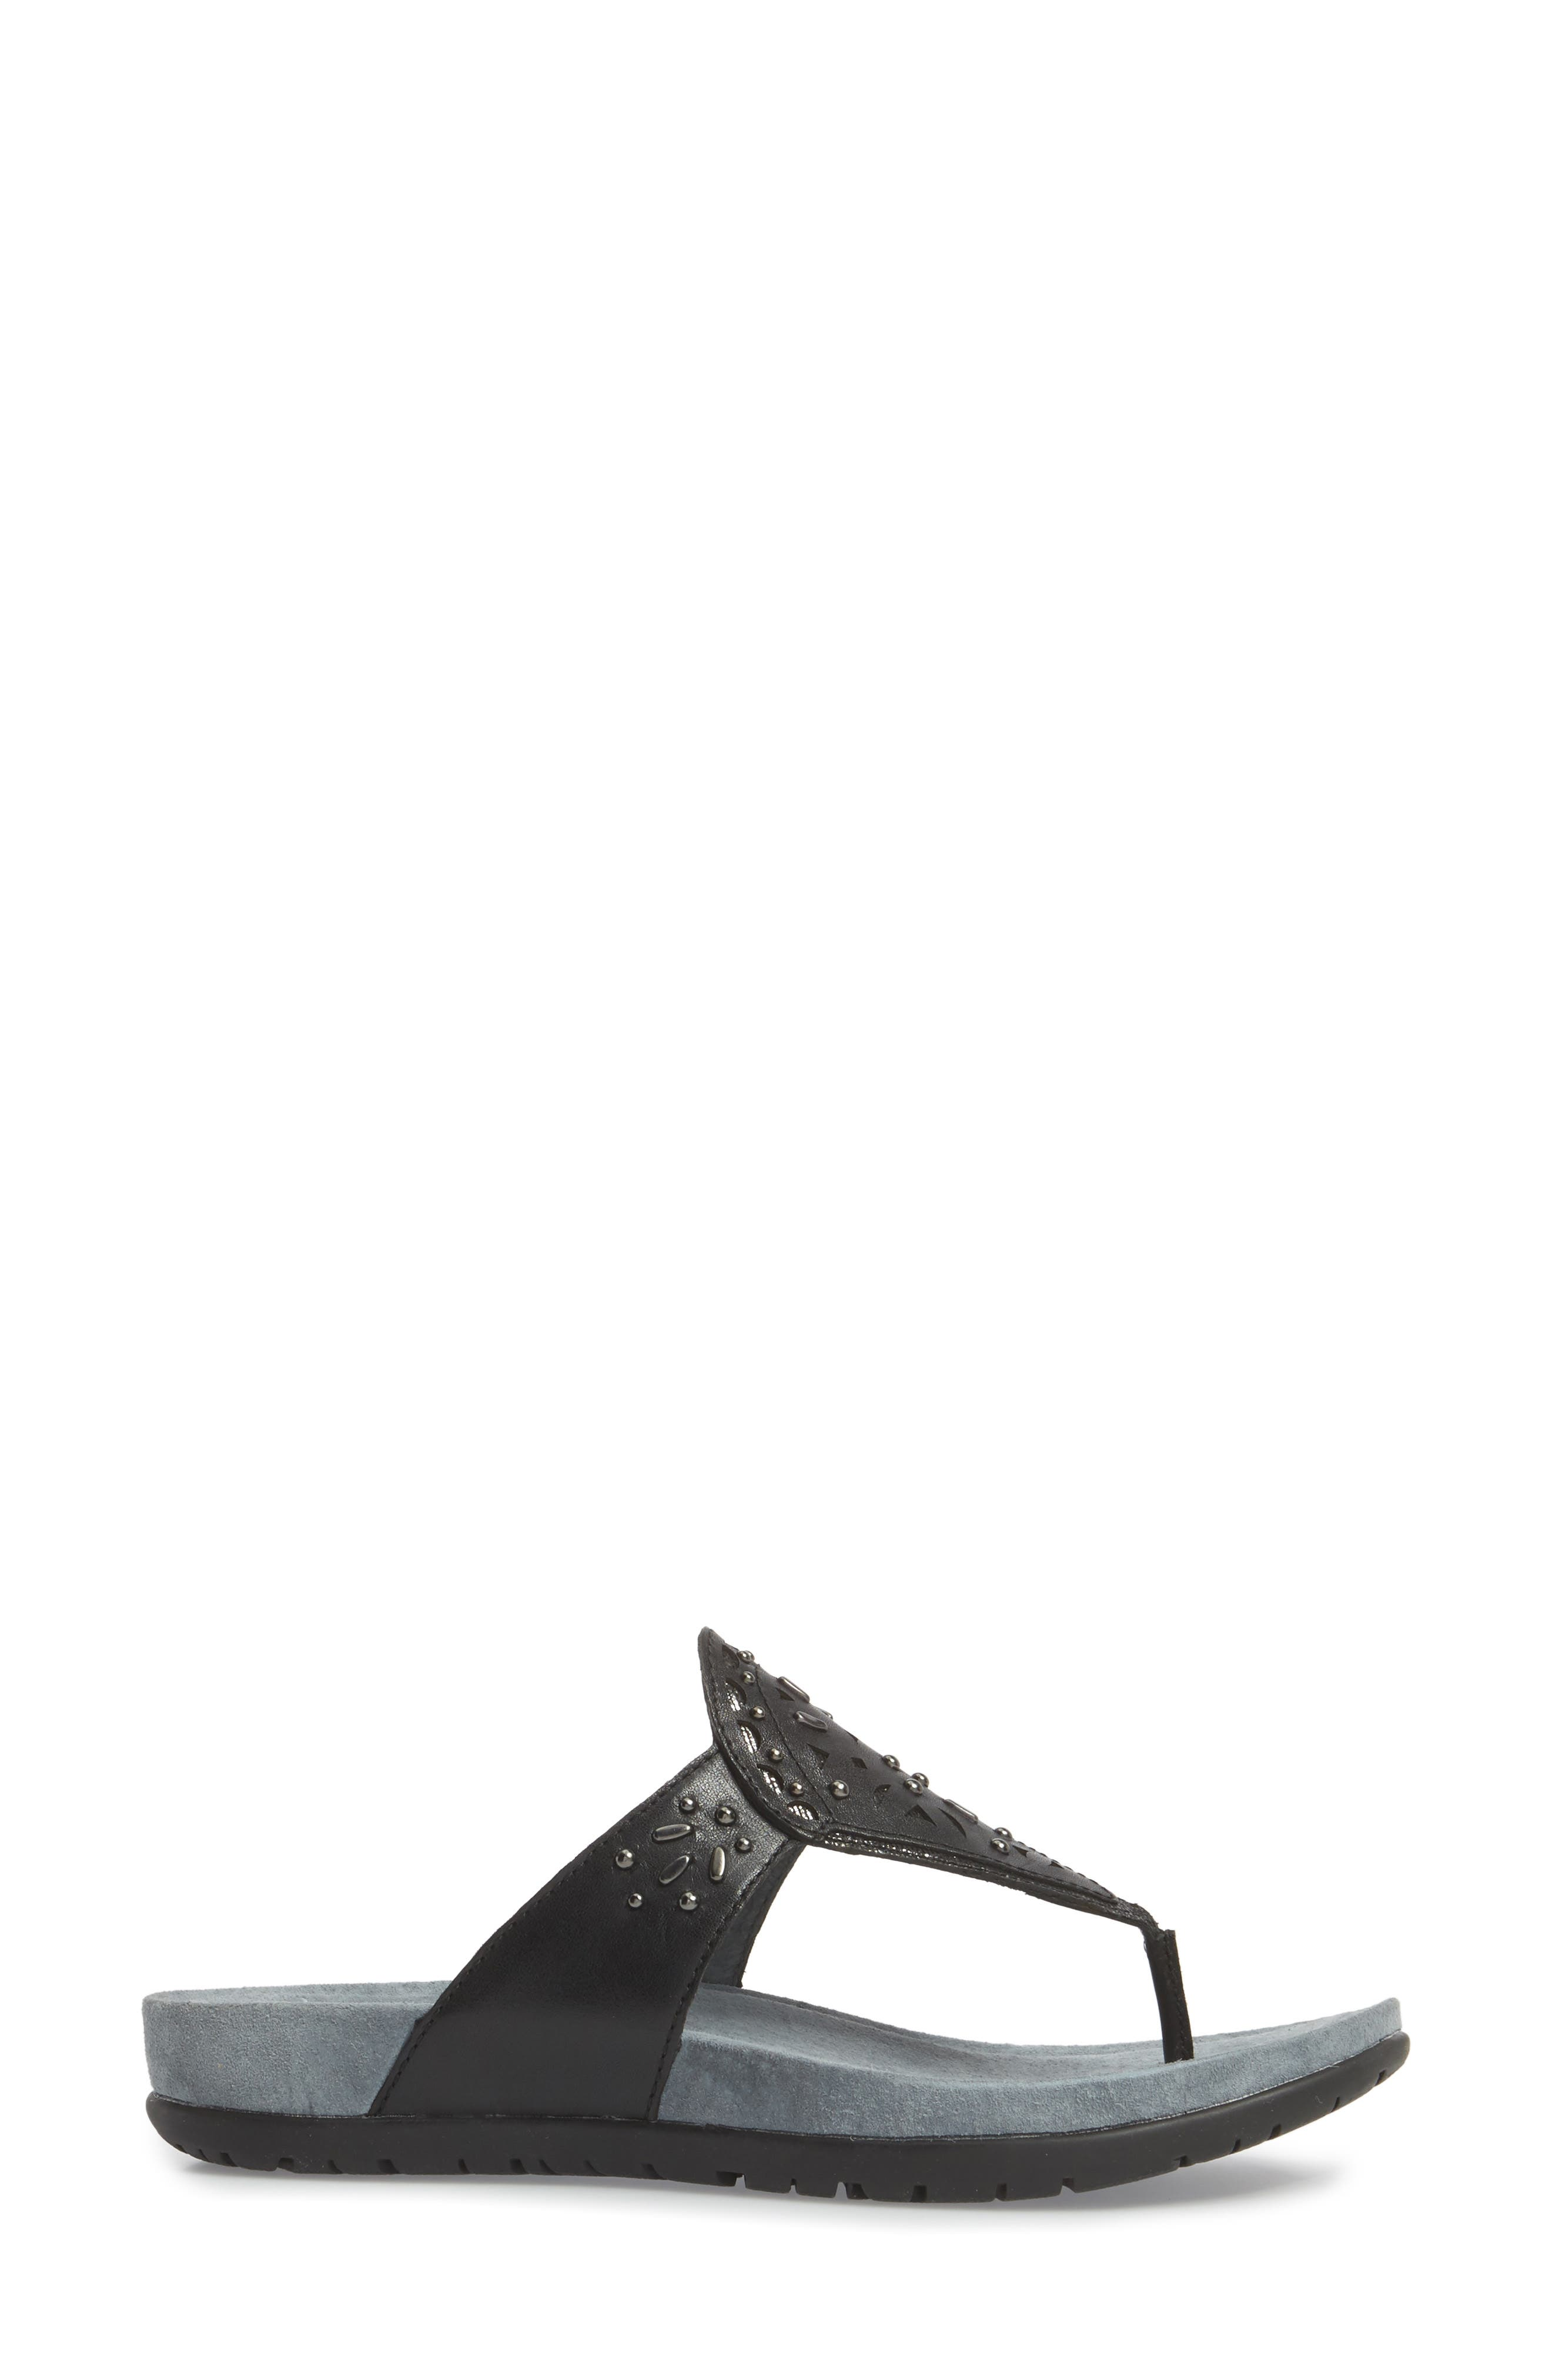 Benita Embellished Flip Flop,                             Alternate thumbnail 3, color,                             001